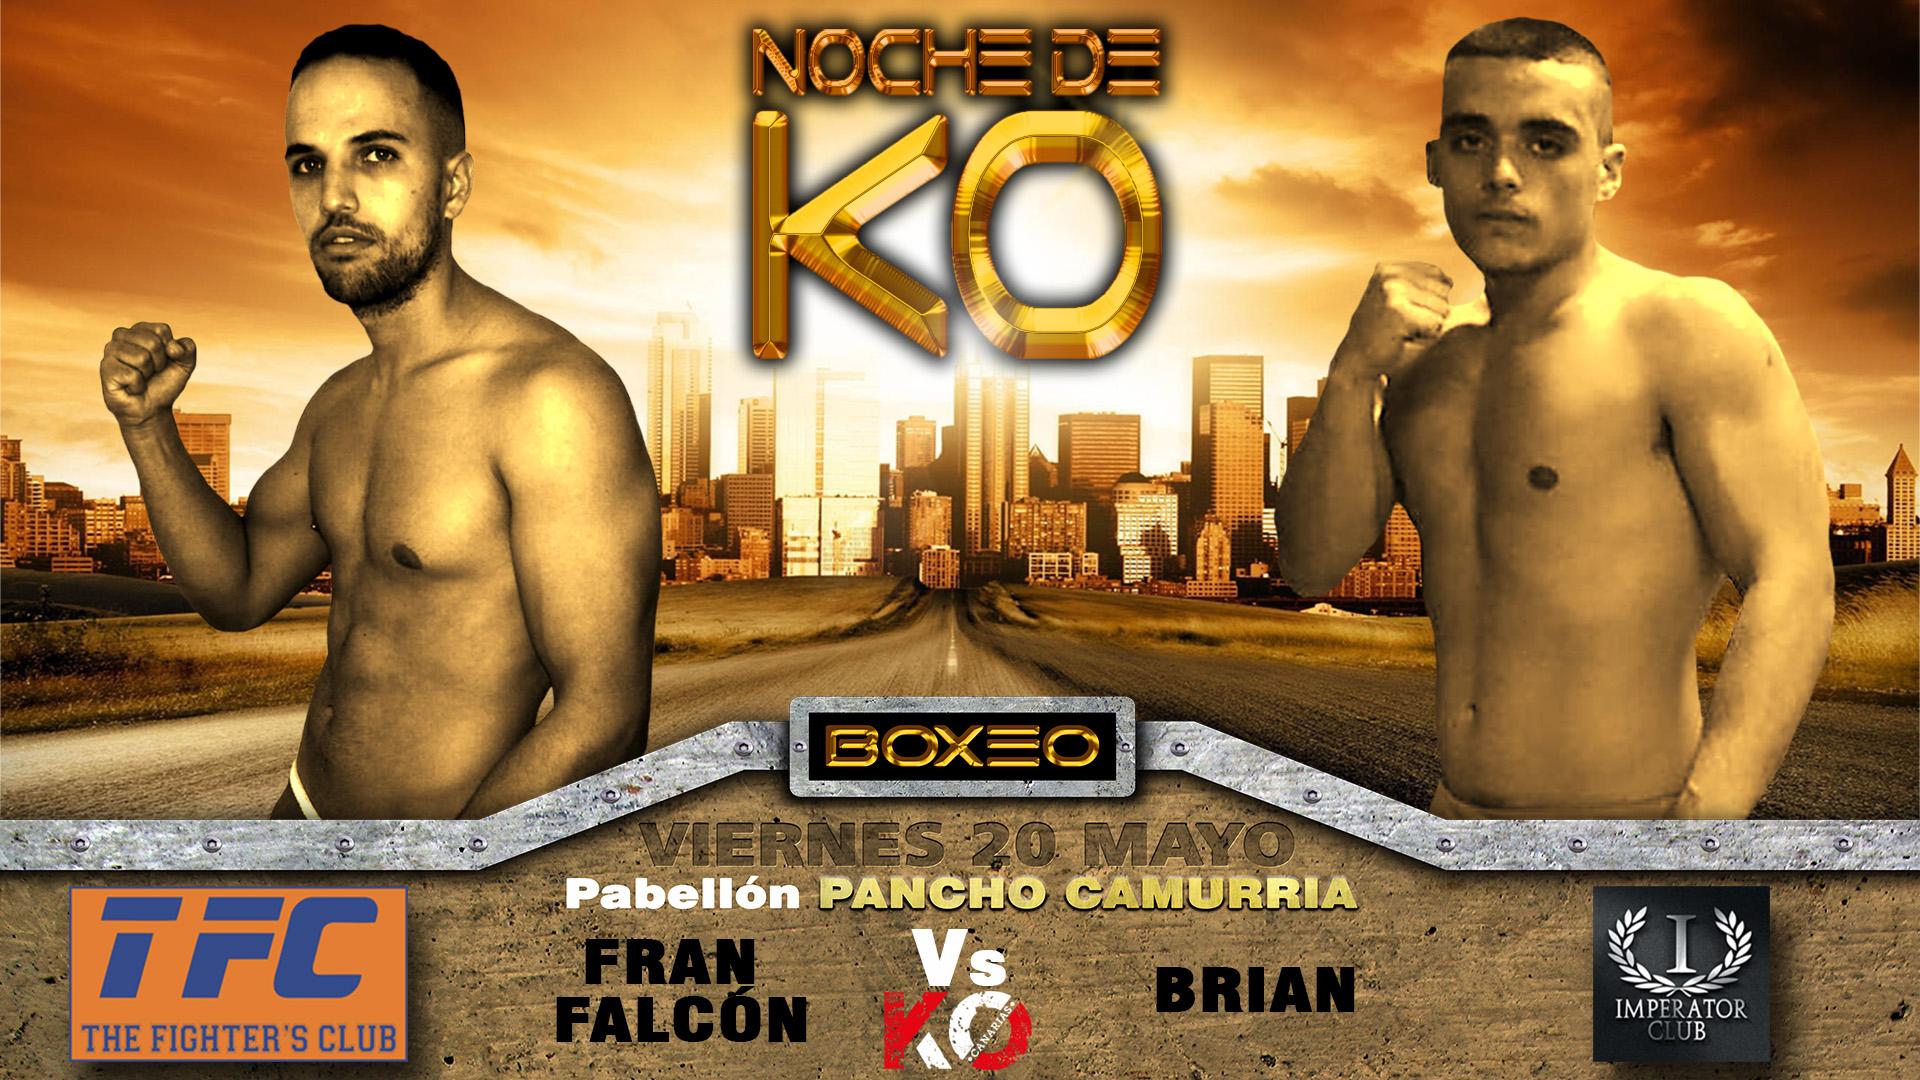 5- fran falcon vs brian, Noche de KO